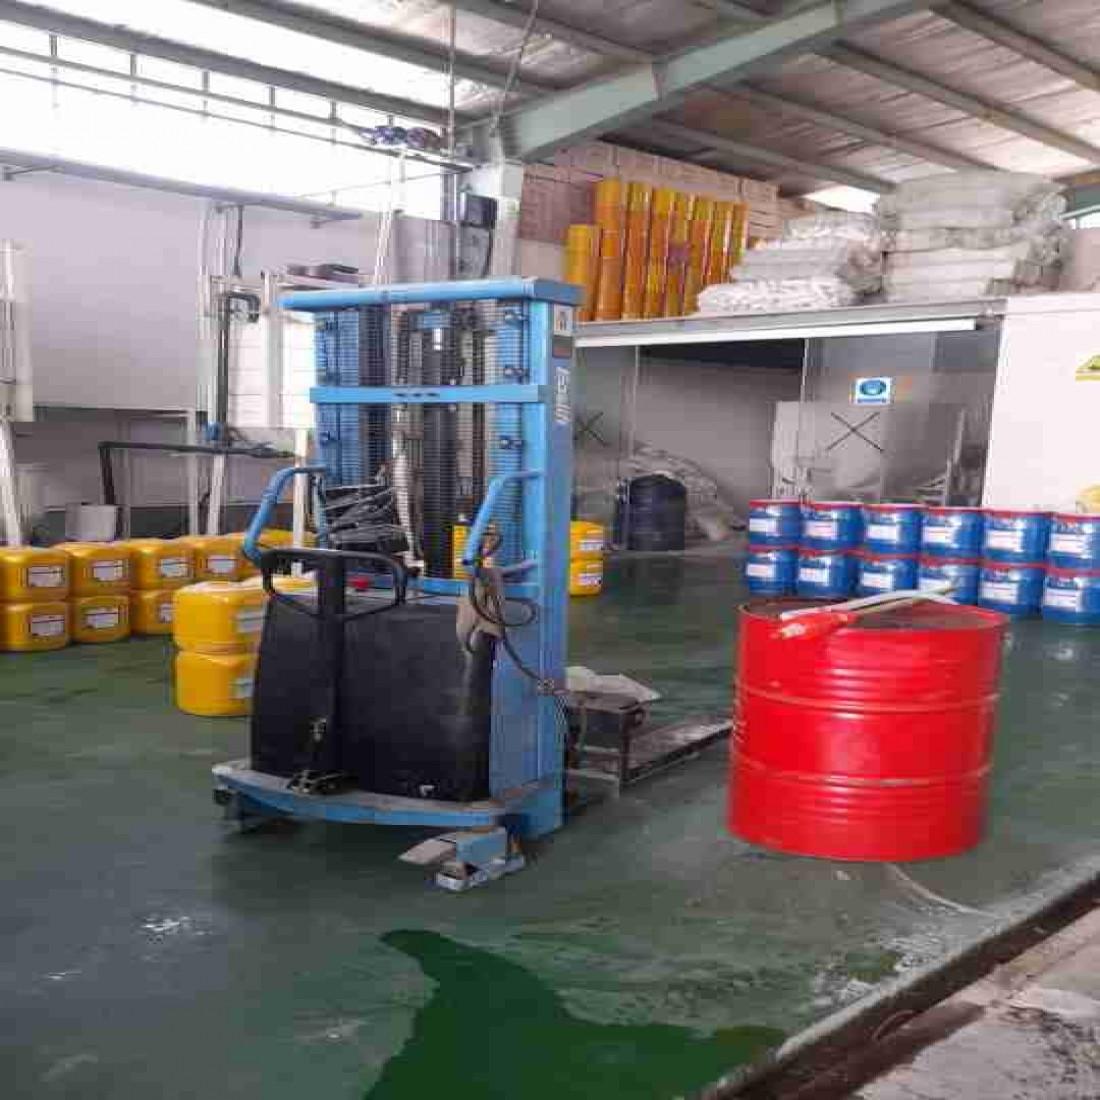 تولیدکننده موادپاک کننده صنایع دریایی